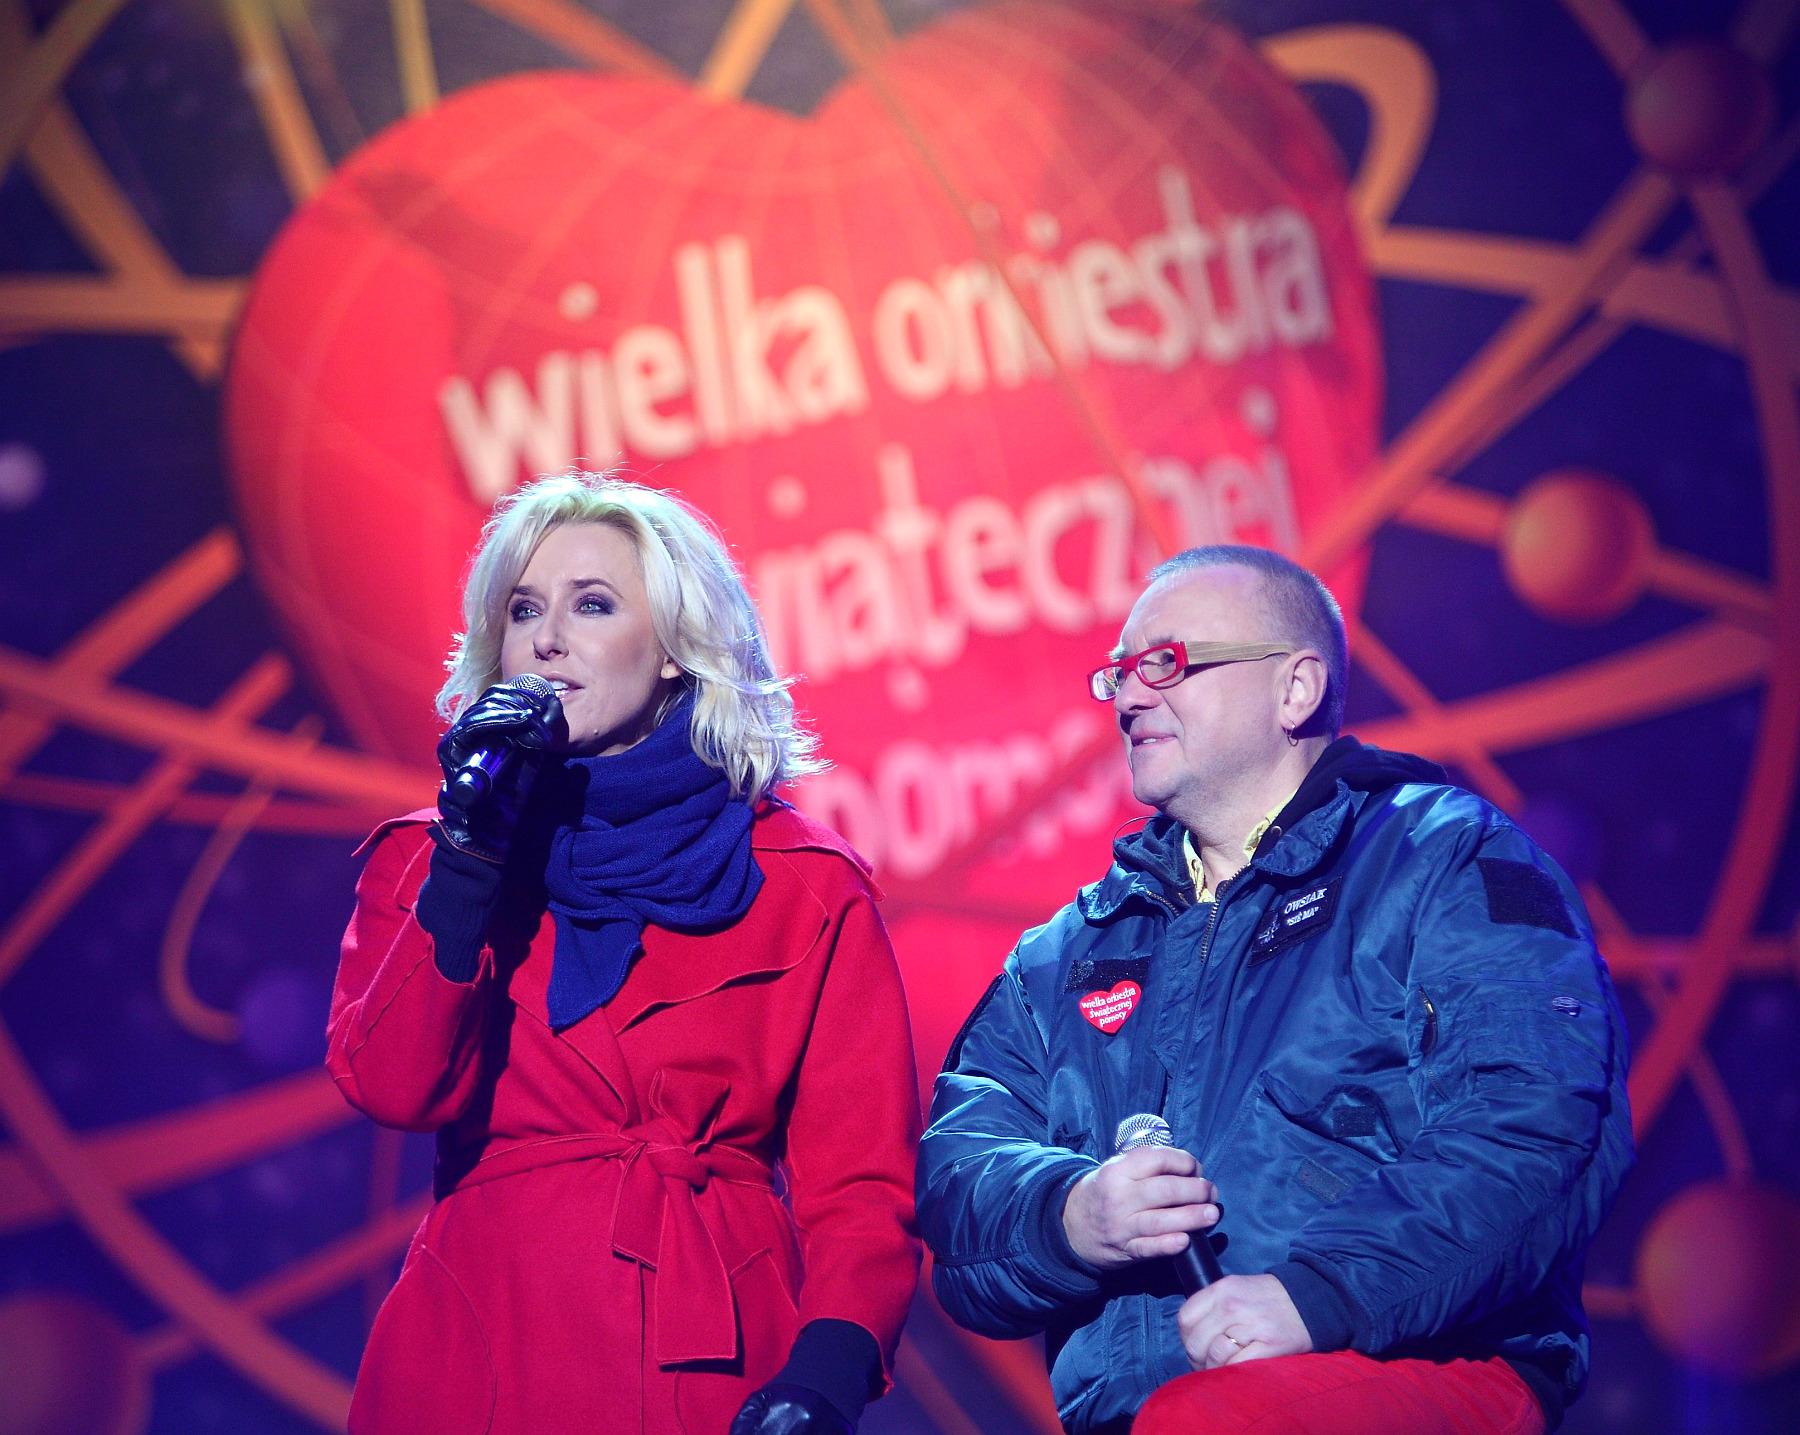 Warszawa – 20 Finał Wielkiej Orkiestry Świątecznej Pomocy (8 styczeń 2012).